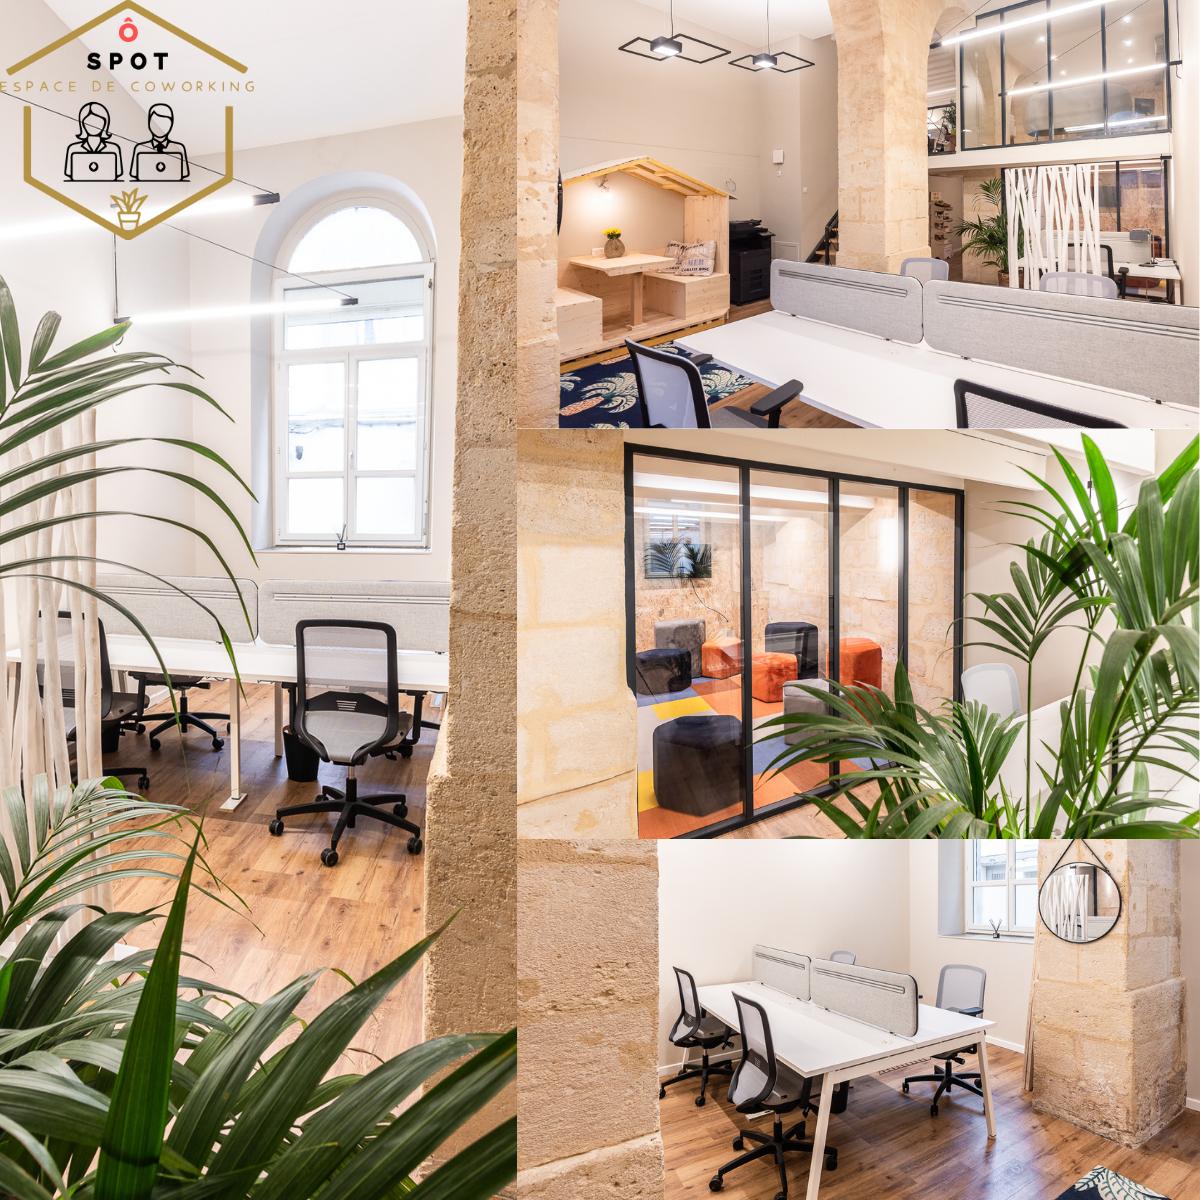 Ô Spot, nouvelles espace de coworking, situé en plein coeur des Chartrons.